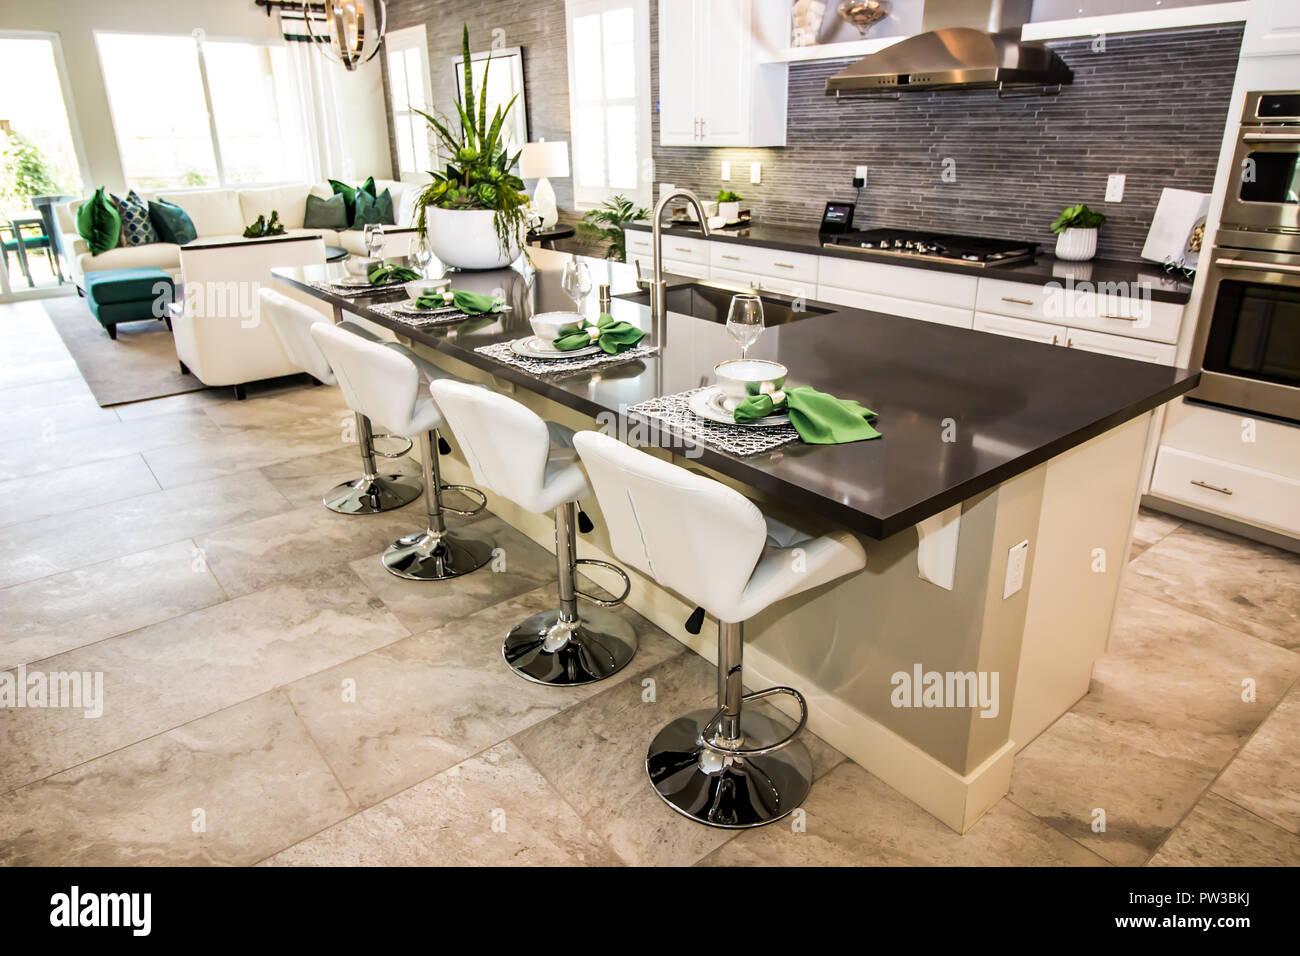 Moderne Küche mit Insel Counter Bar und Hocker Stockfoto ...